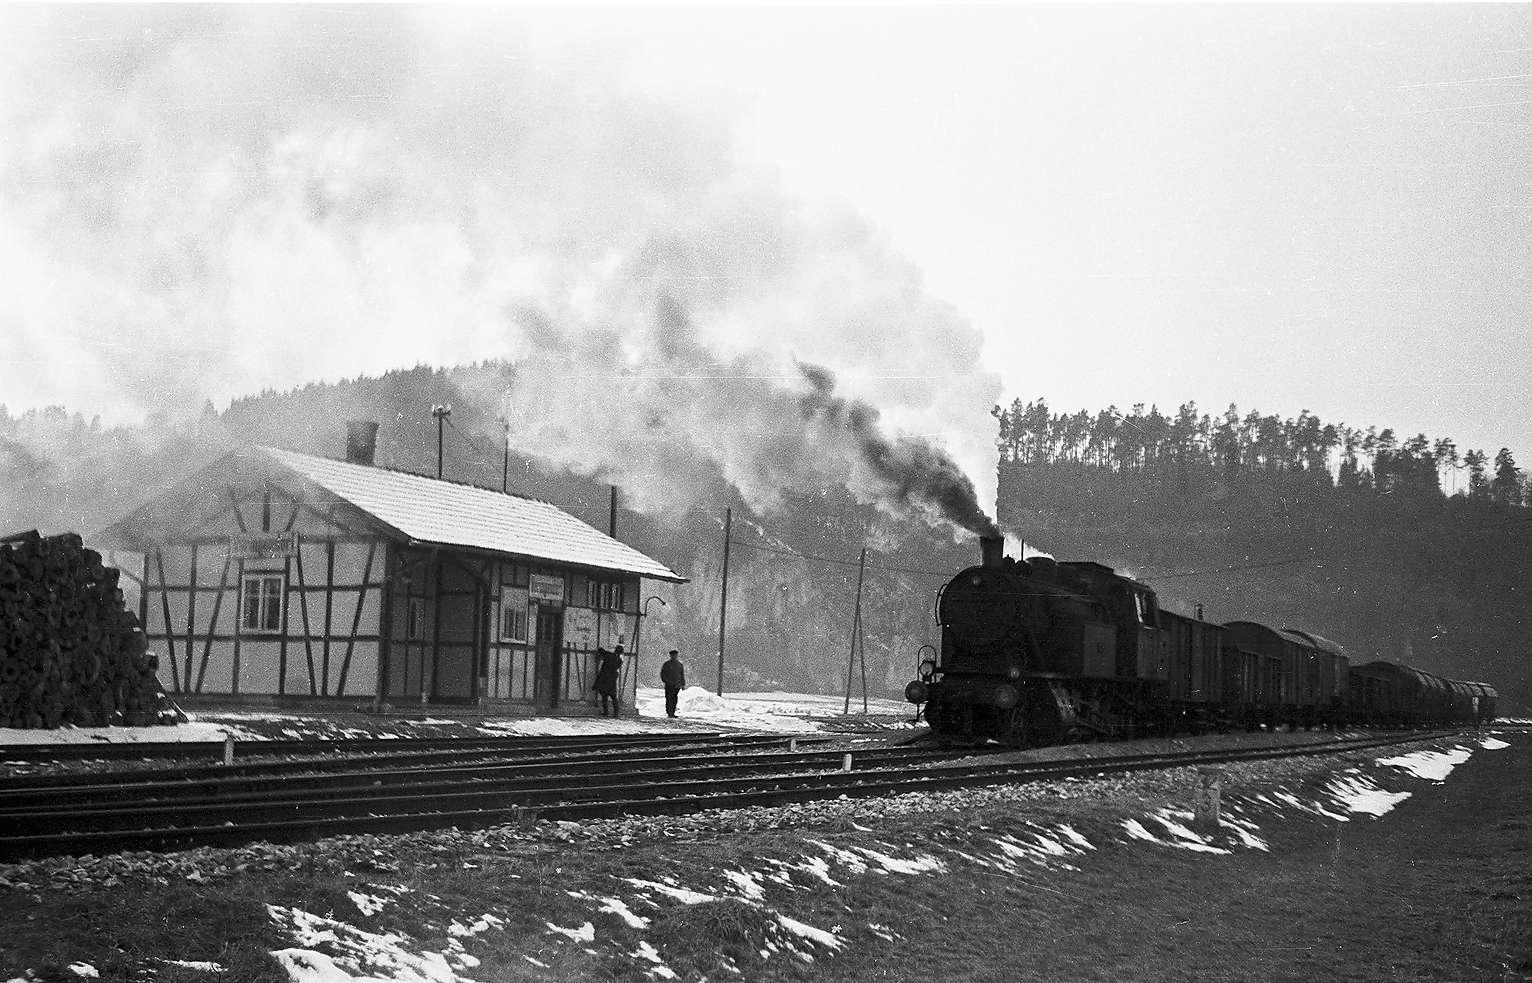 Lok 15, Bahnhof Veringendorf, erbaut 1908, 2009 abbruchgefährdet, der Zugführer schaltet das Blinklicht ein, Bahnagent Griener, Bild 1